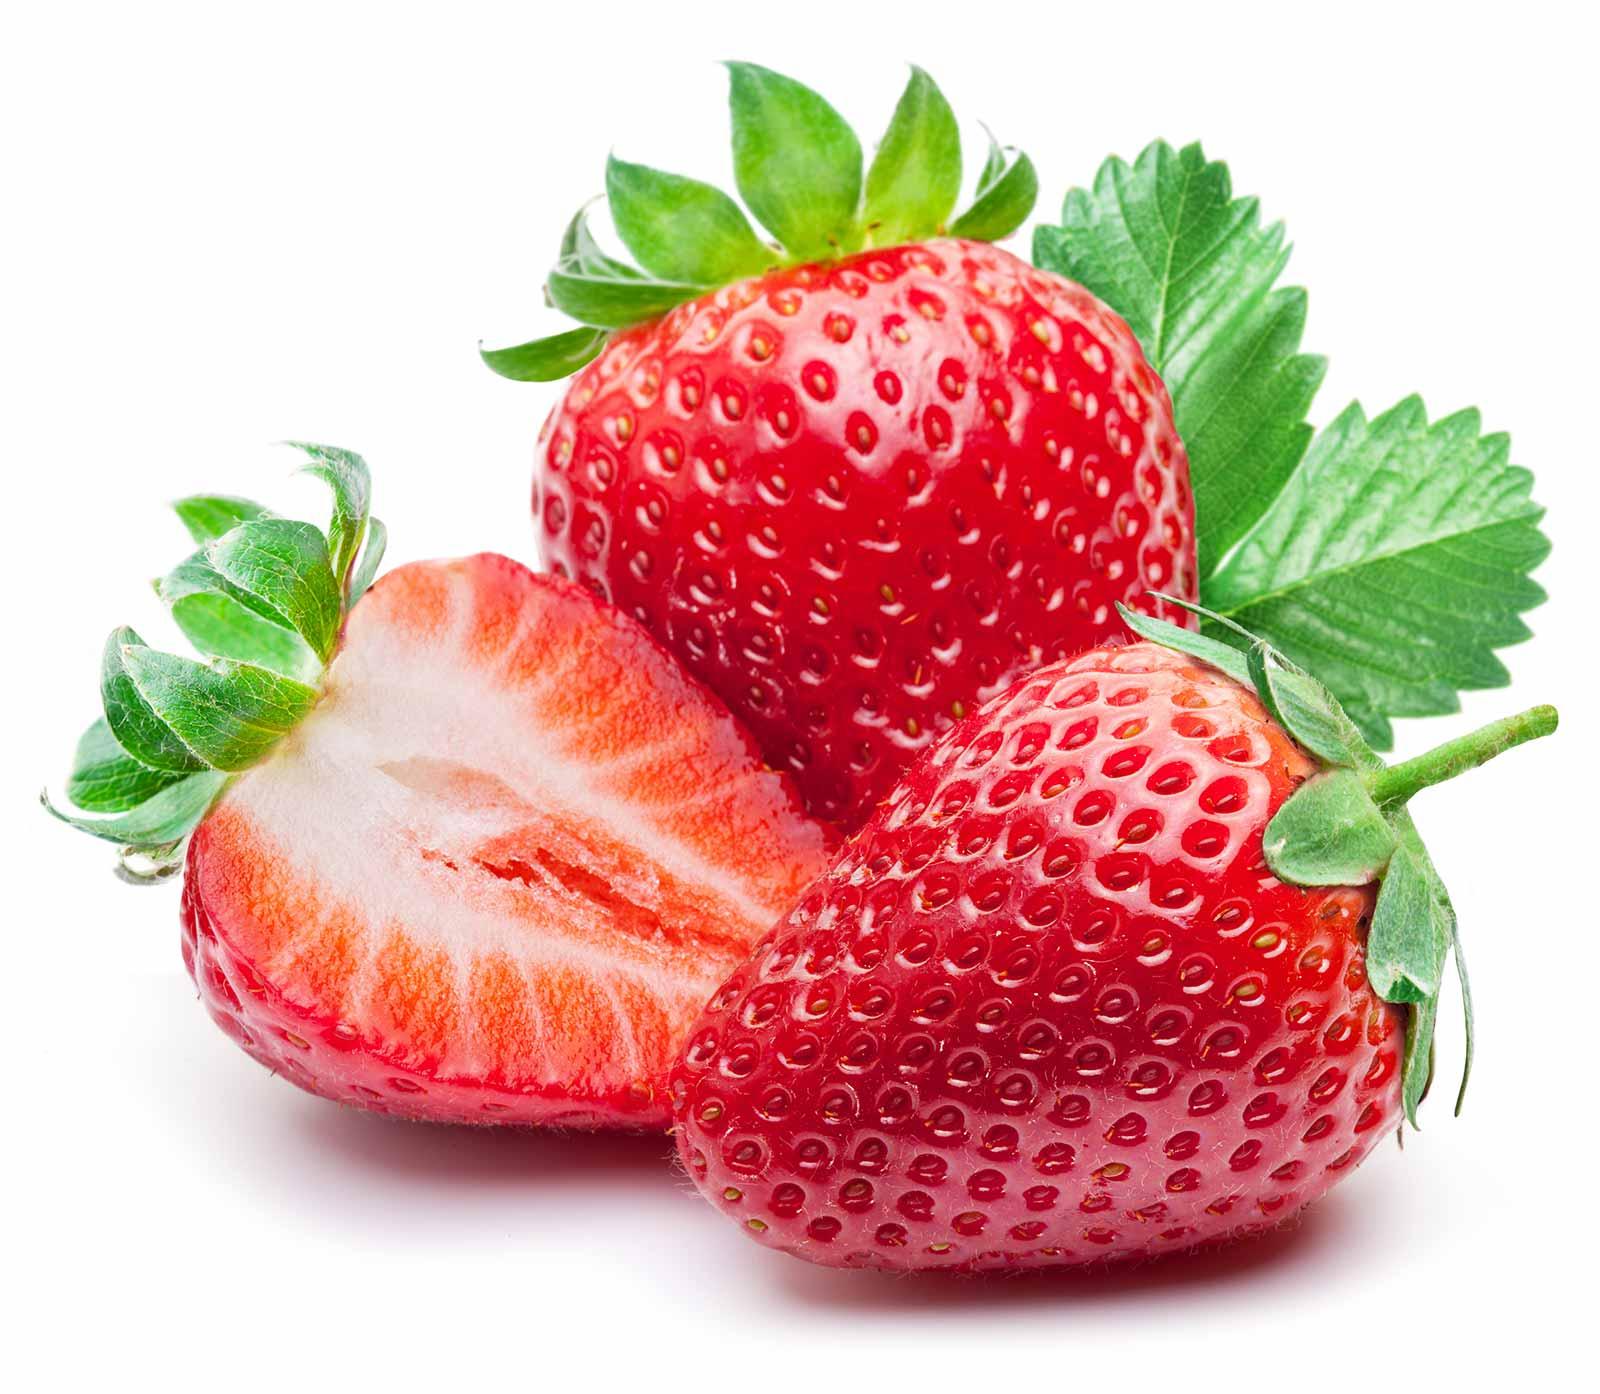 fraises biologiques pour sorbet